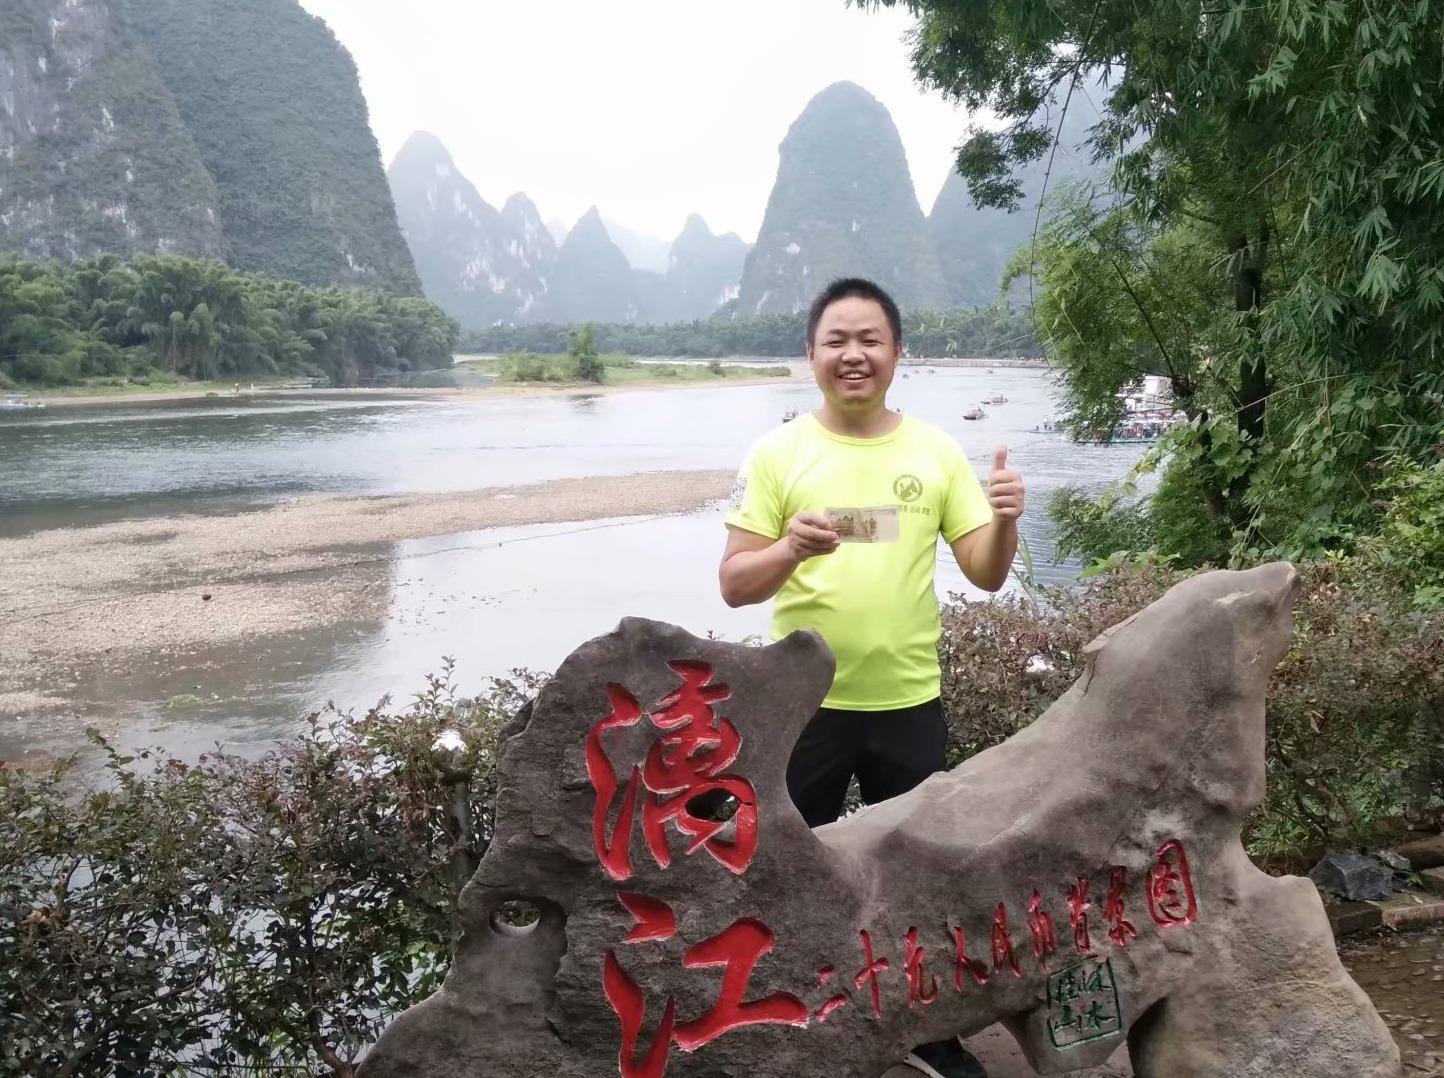 【桂林】端午水墨漓江+逛西街+倾情遇龙河